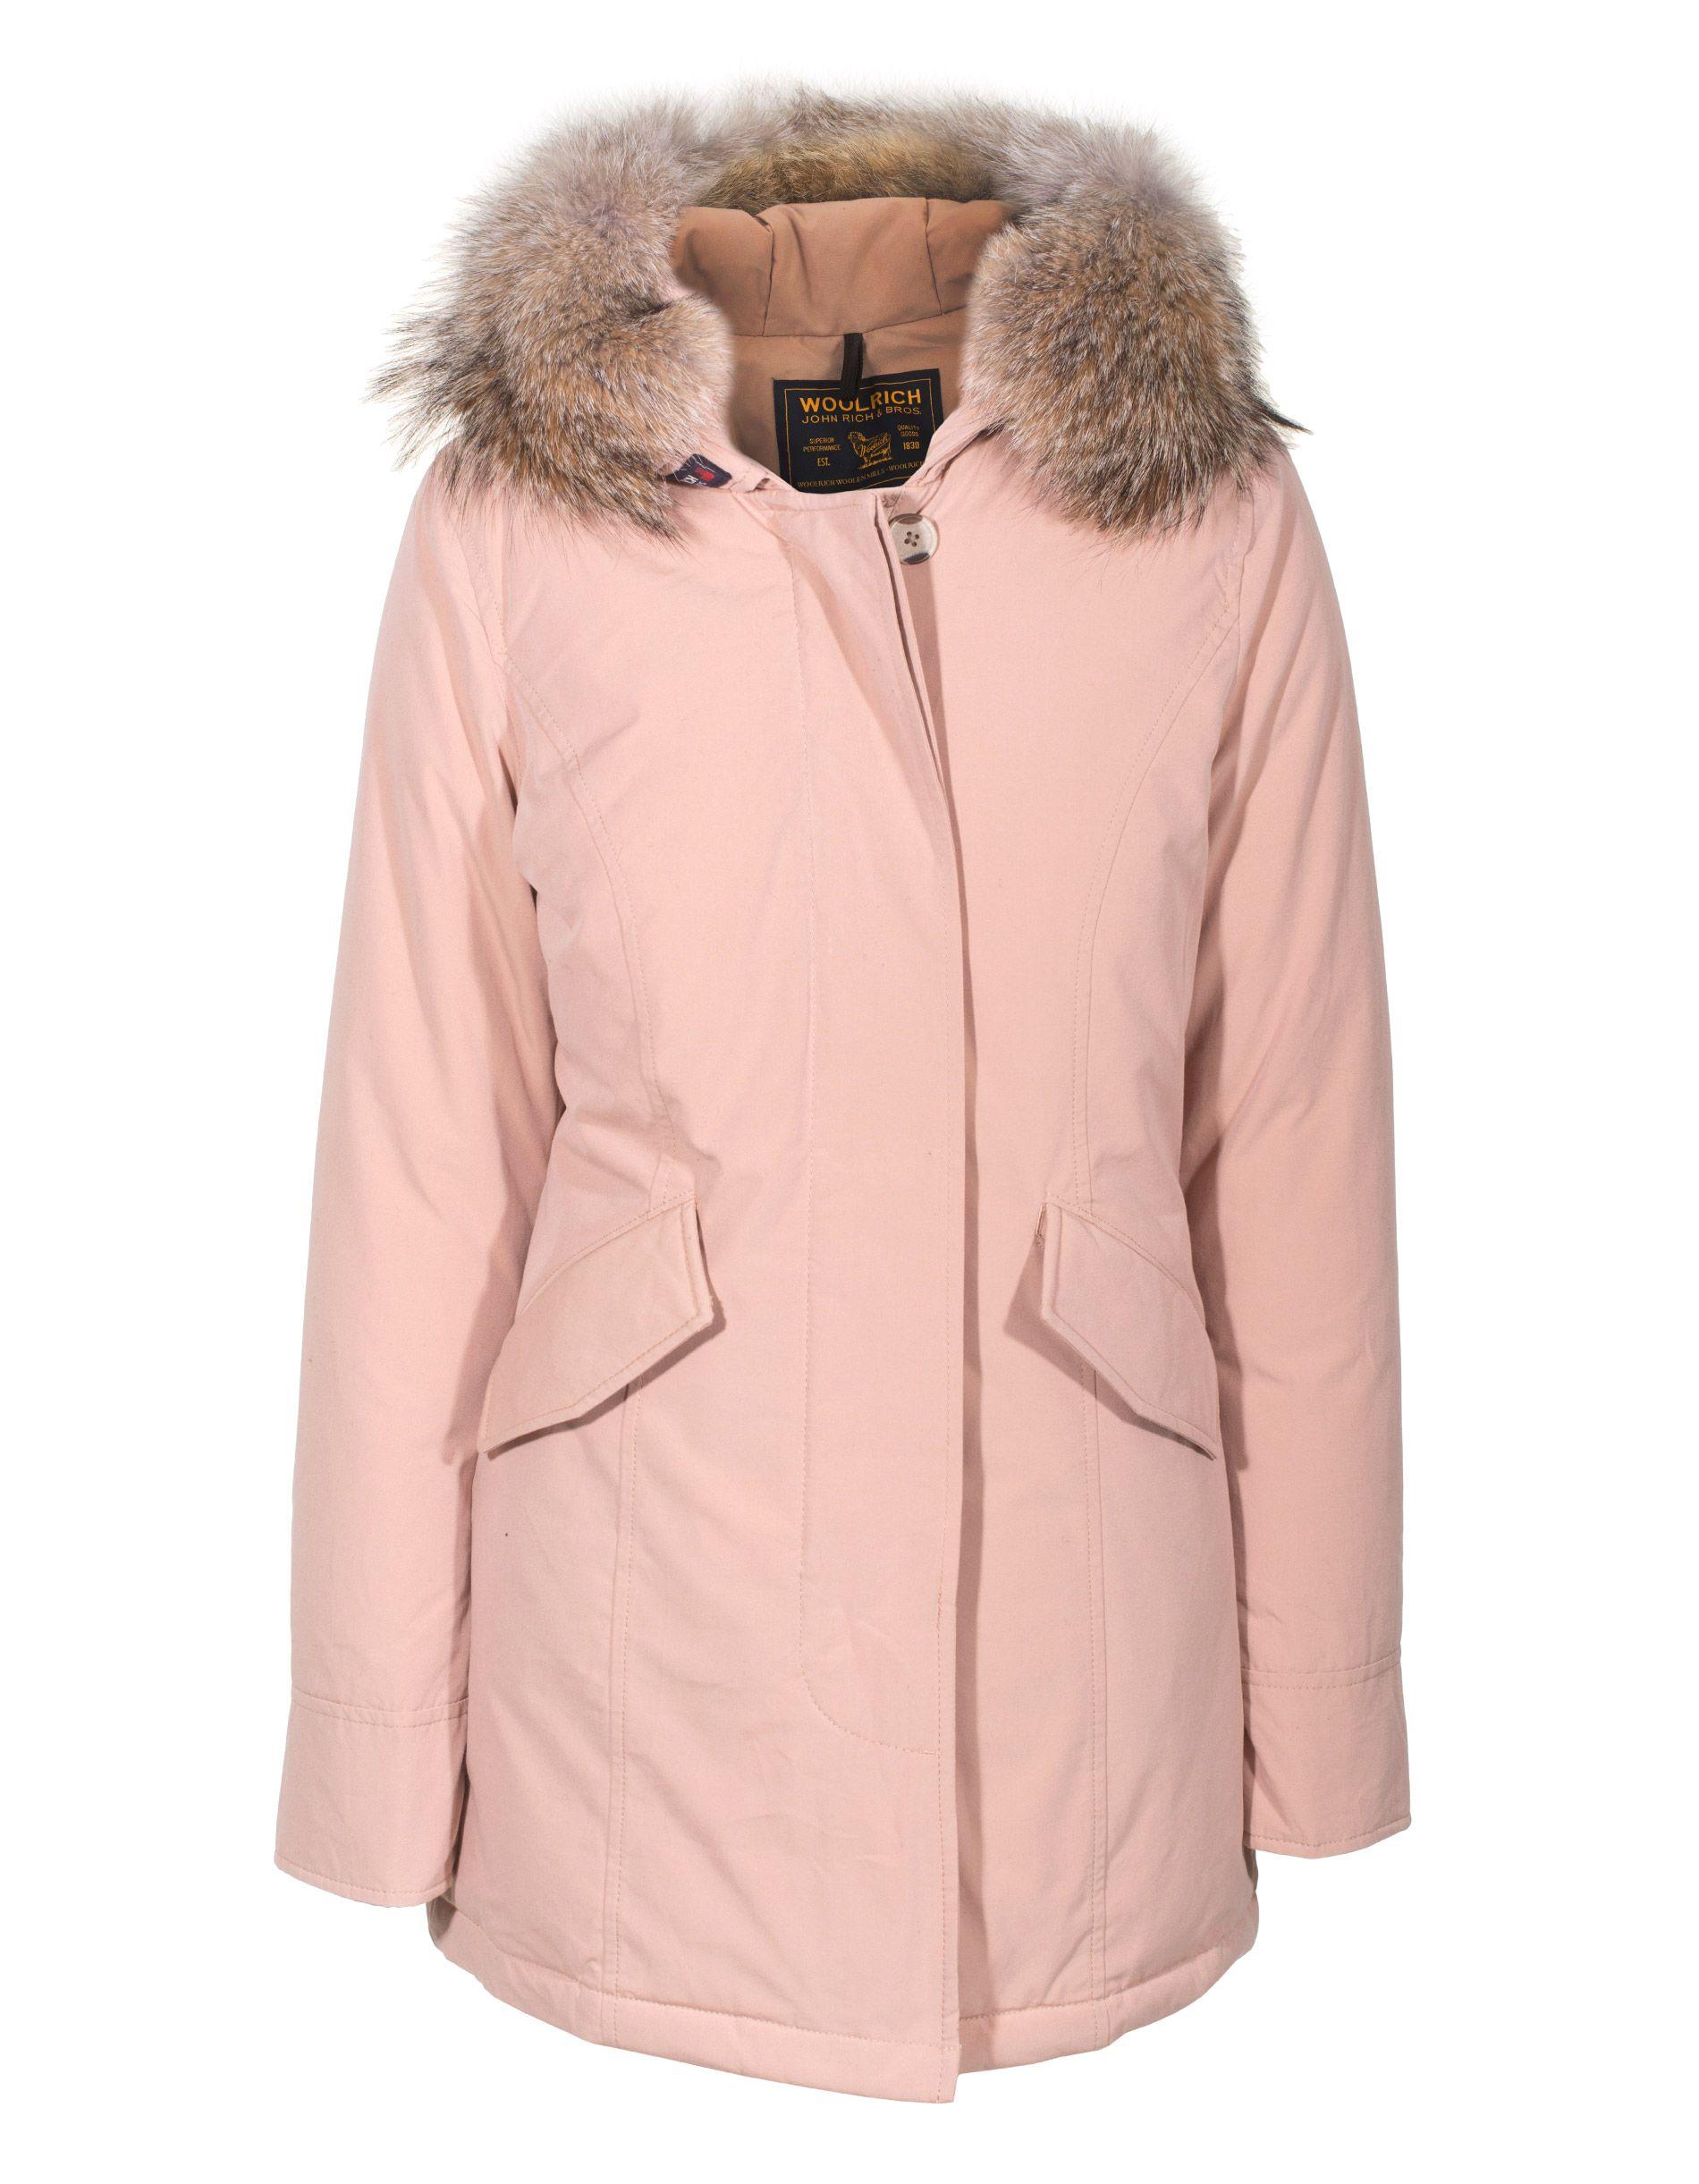 Woolrich Jacke Pink